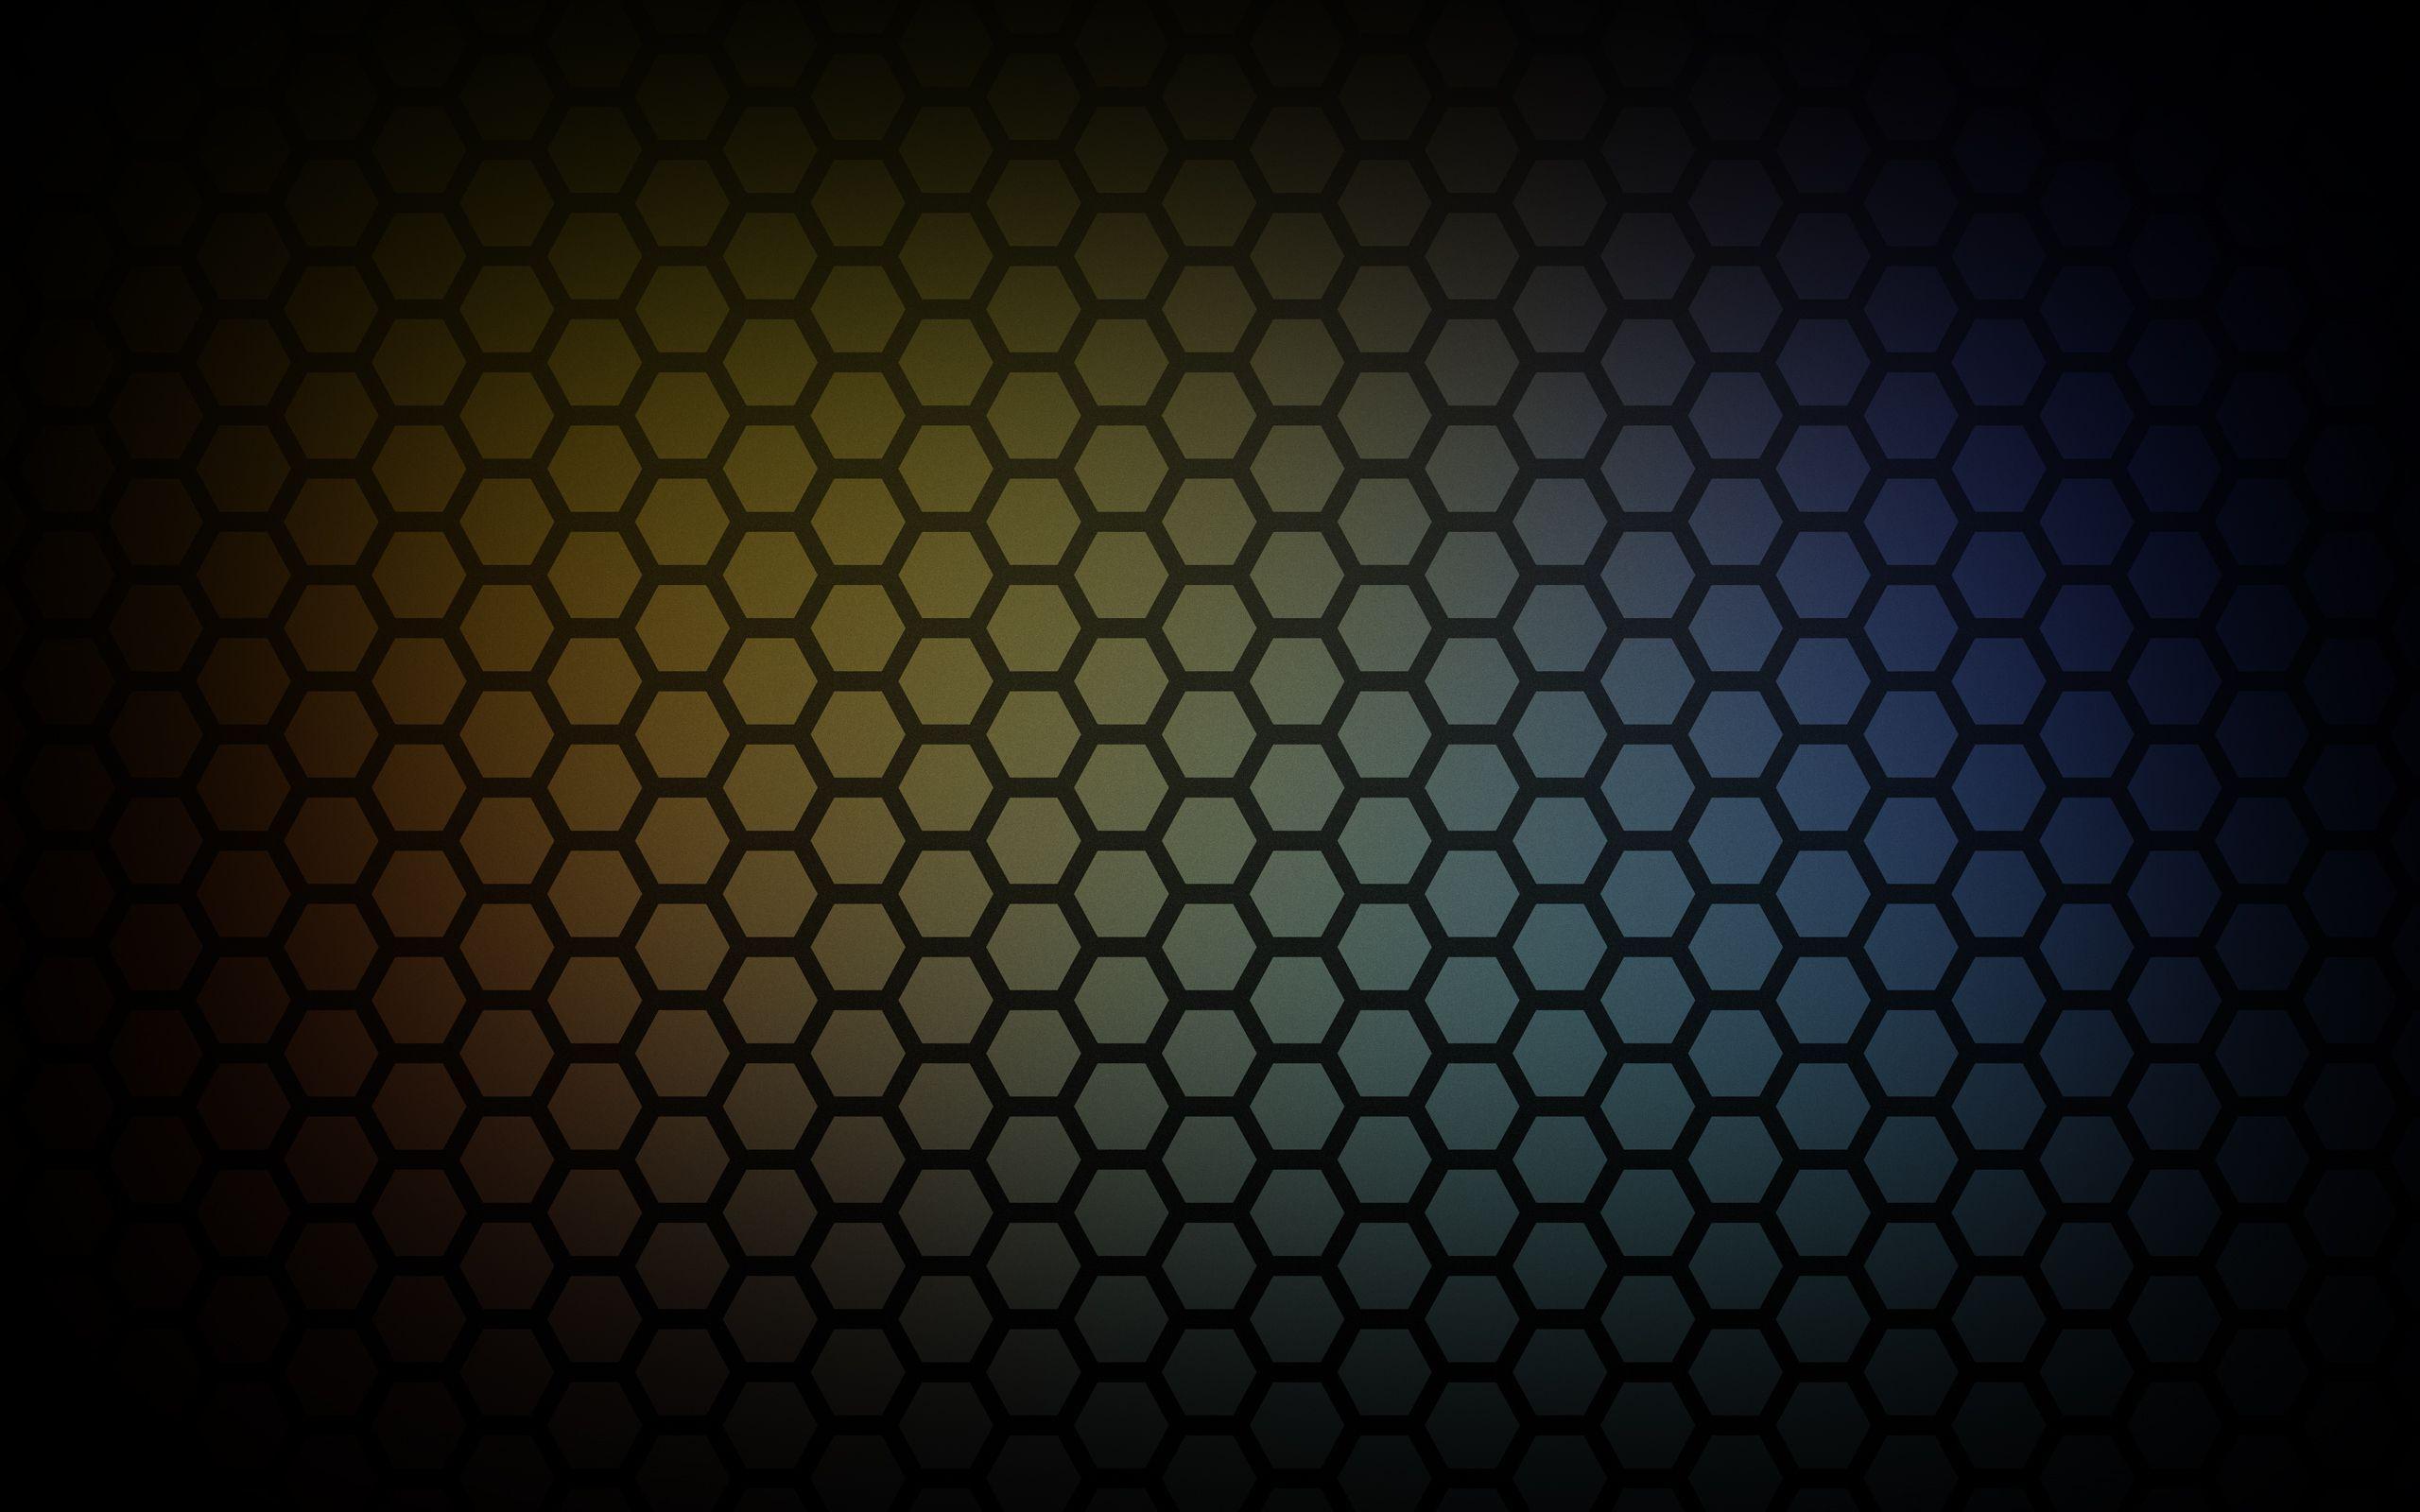 Cool Honeycomb Wallpaper